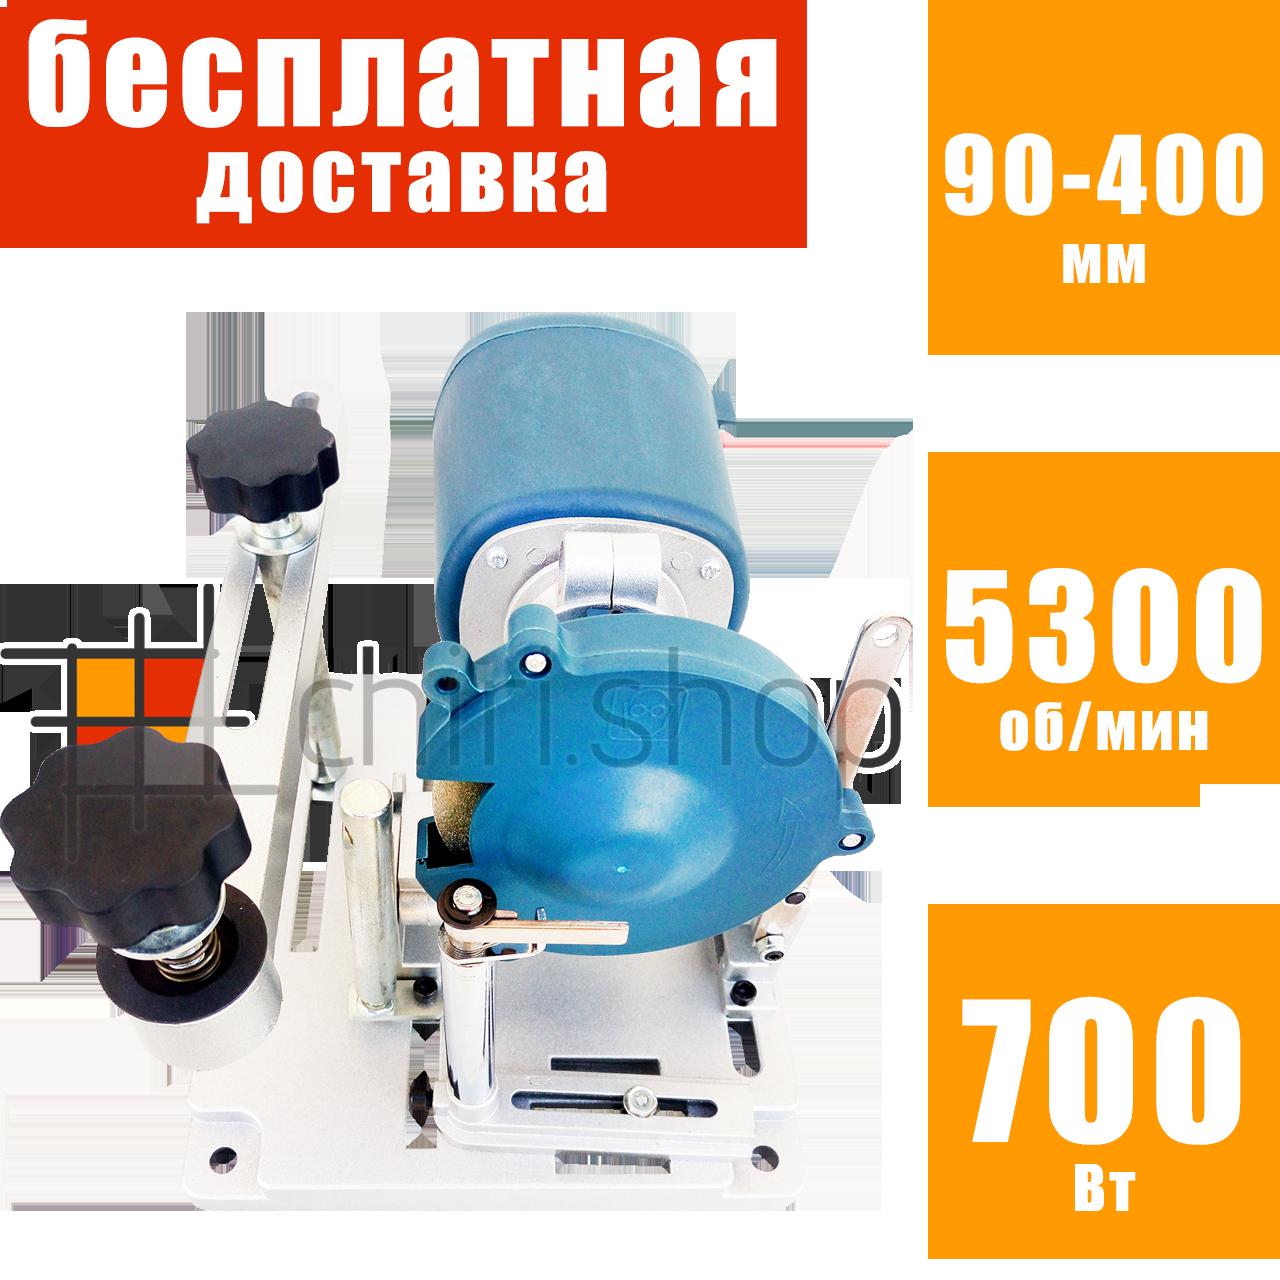 Станок для заточки дисковых пил 90-400 мм Eurotec SS 201, заточной станок для заточки циркулярных пил